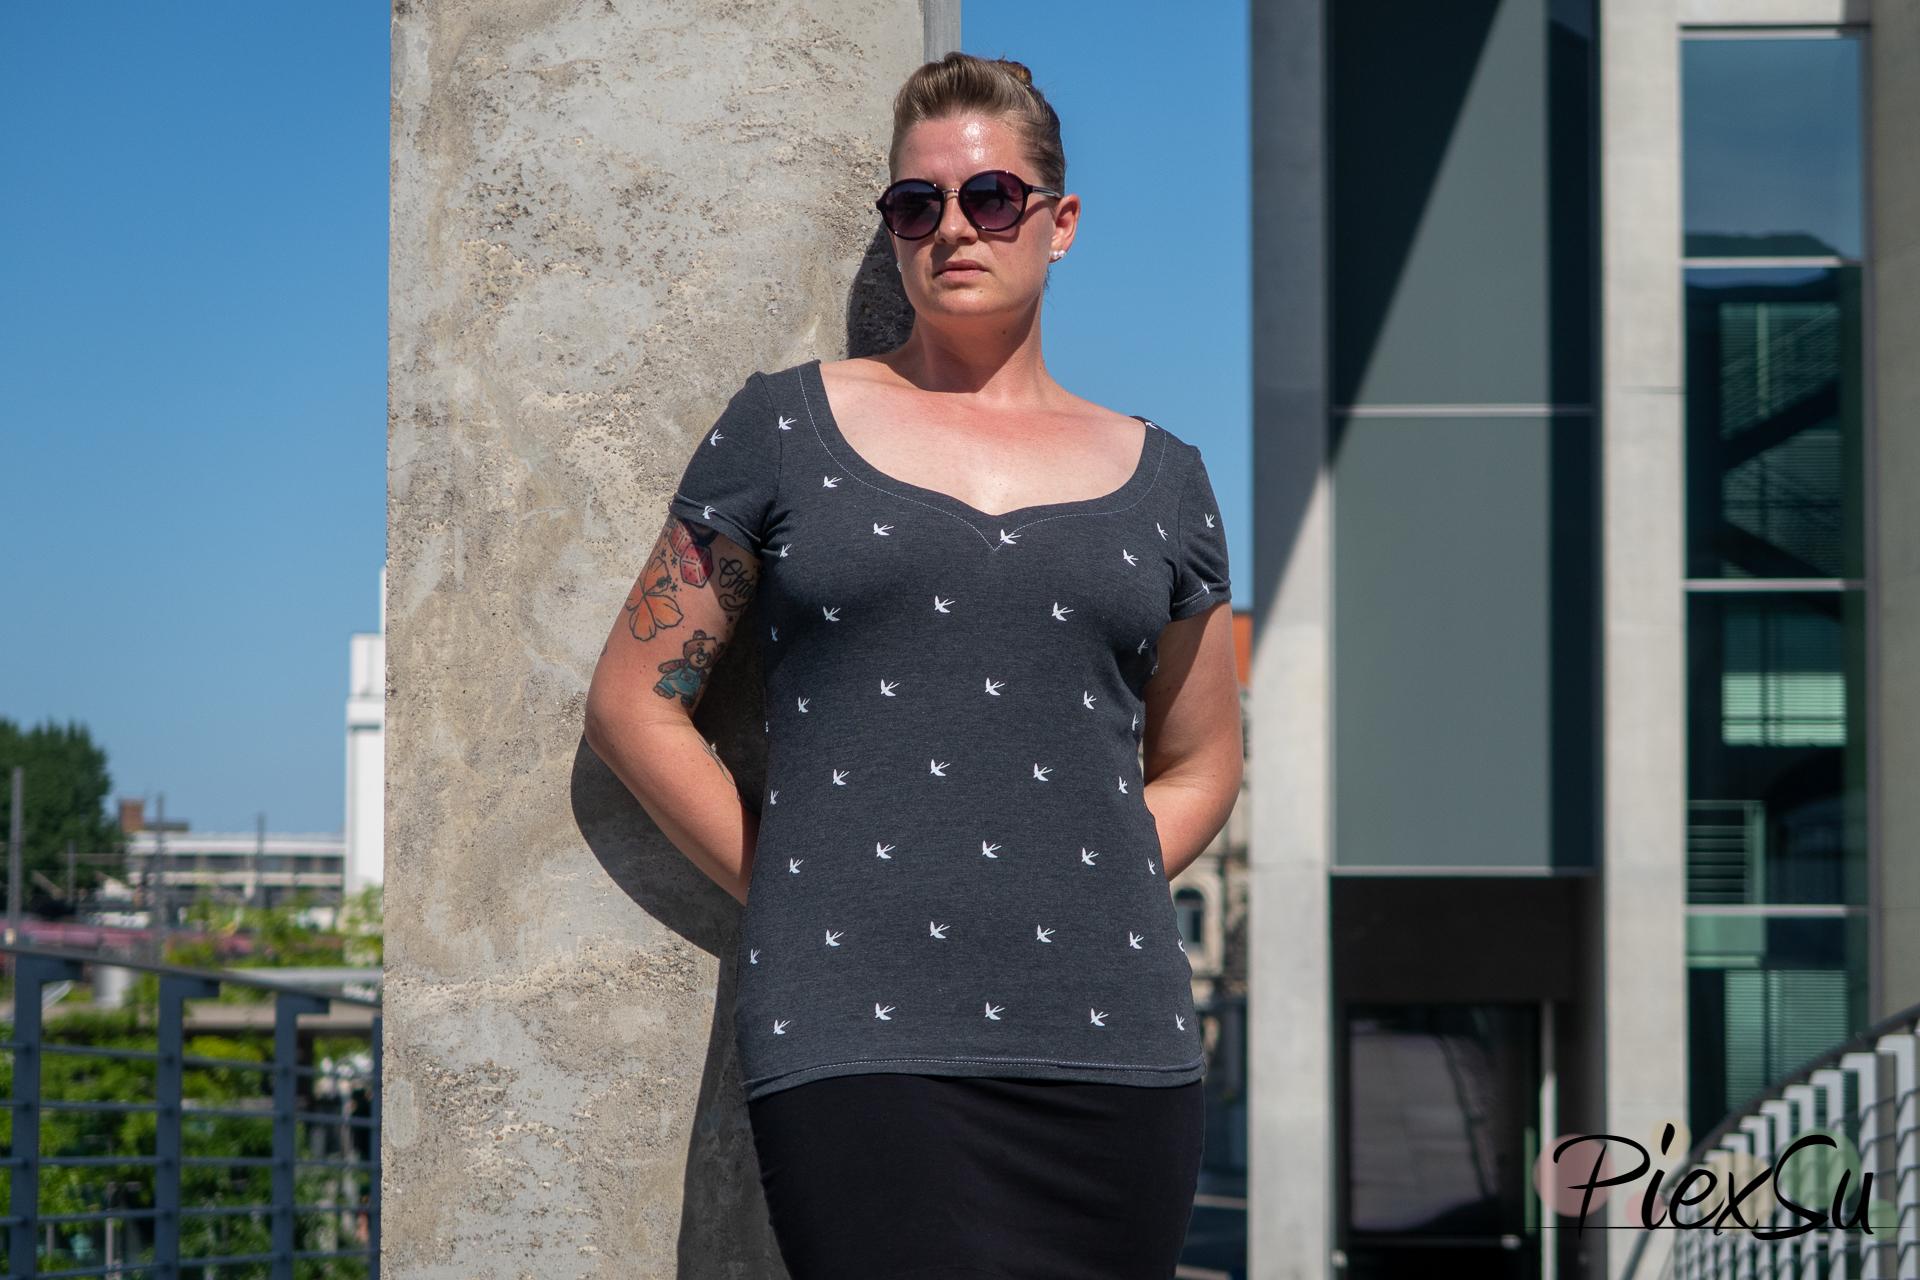 PiexSu Sunny Herzausschnitt ebook Schnittmuster nähen Shirt -5909